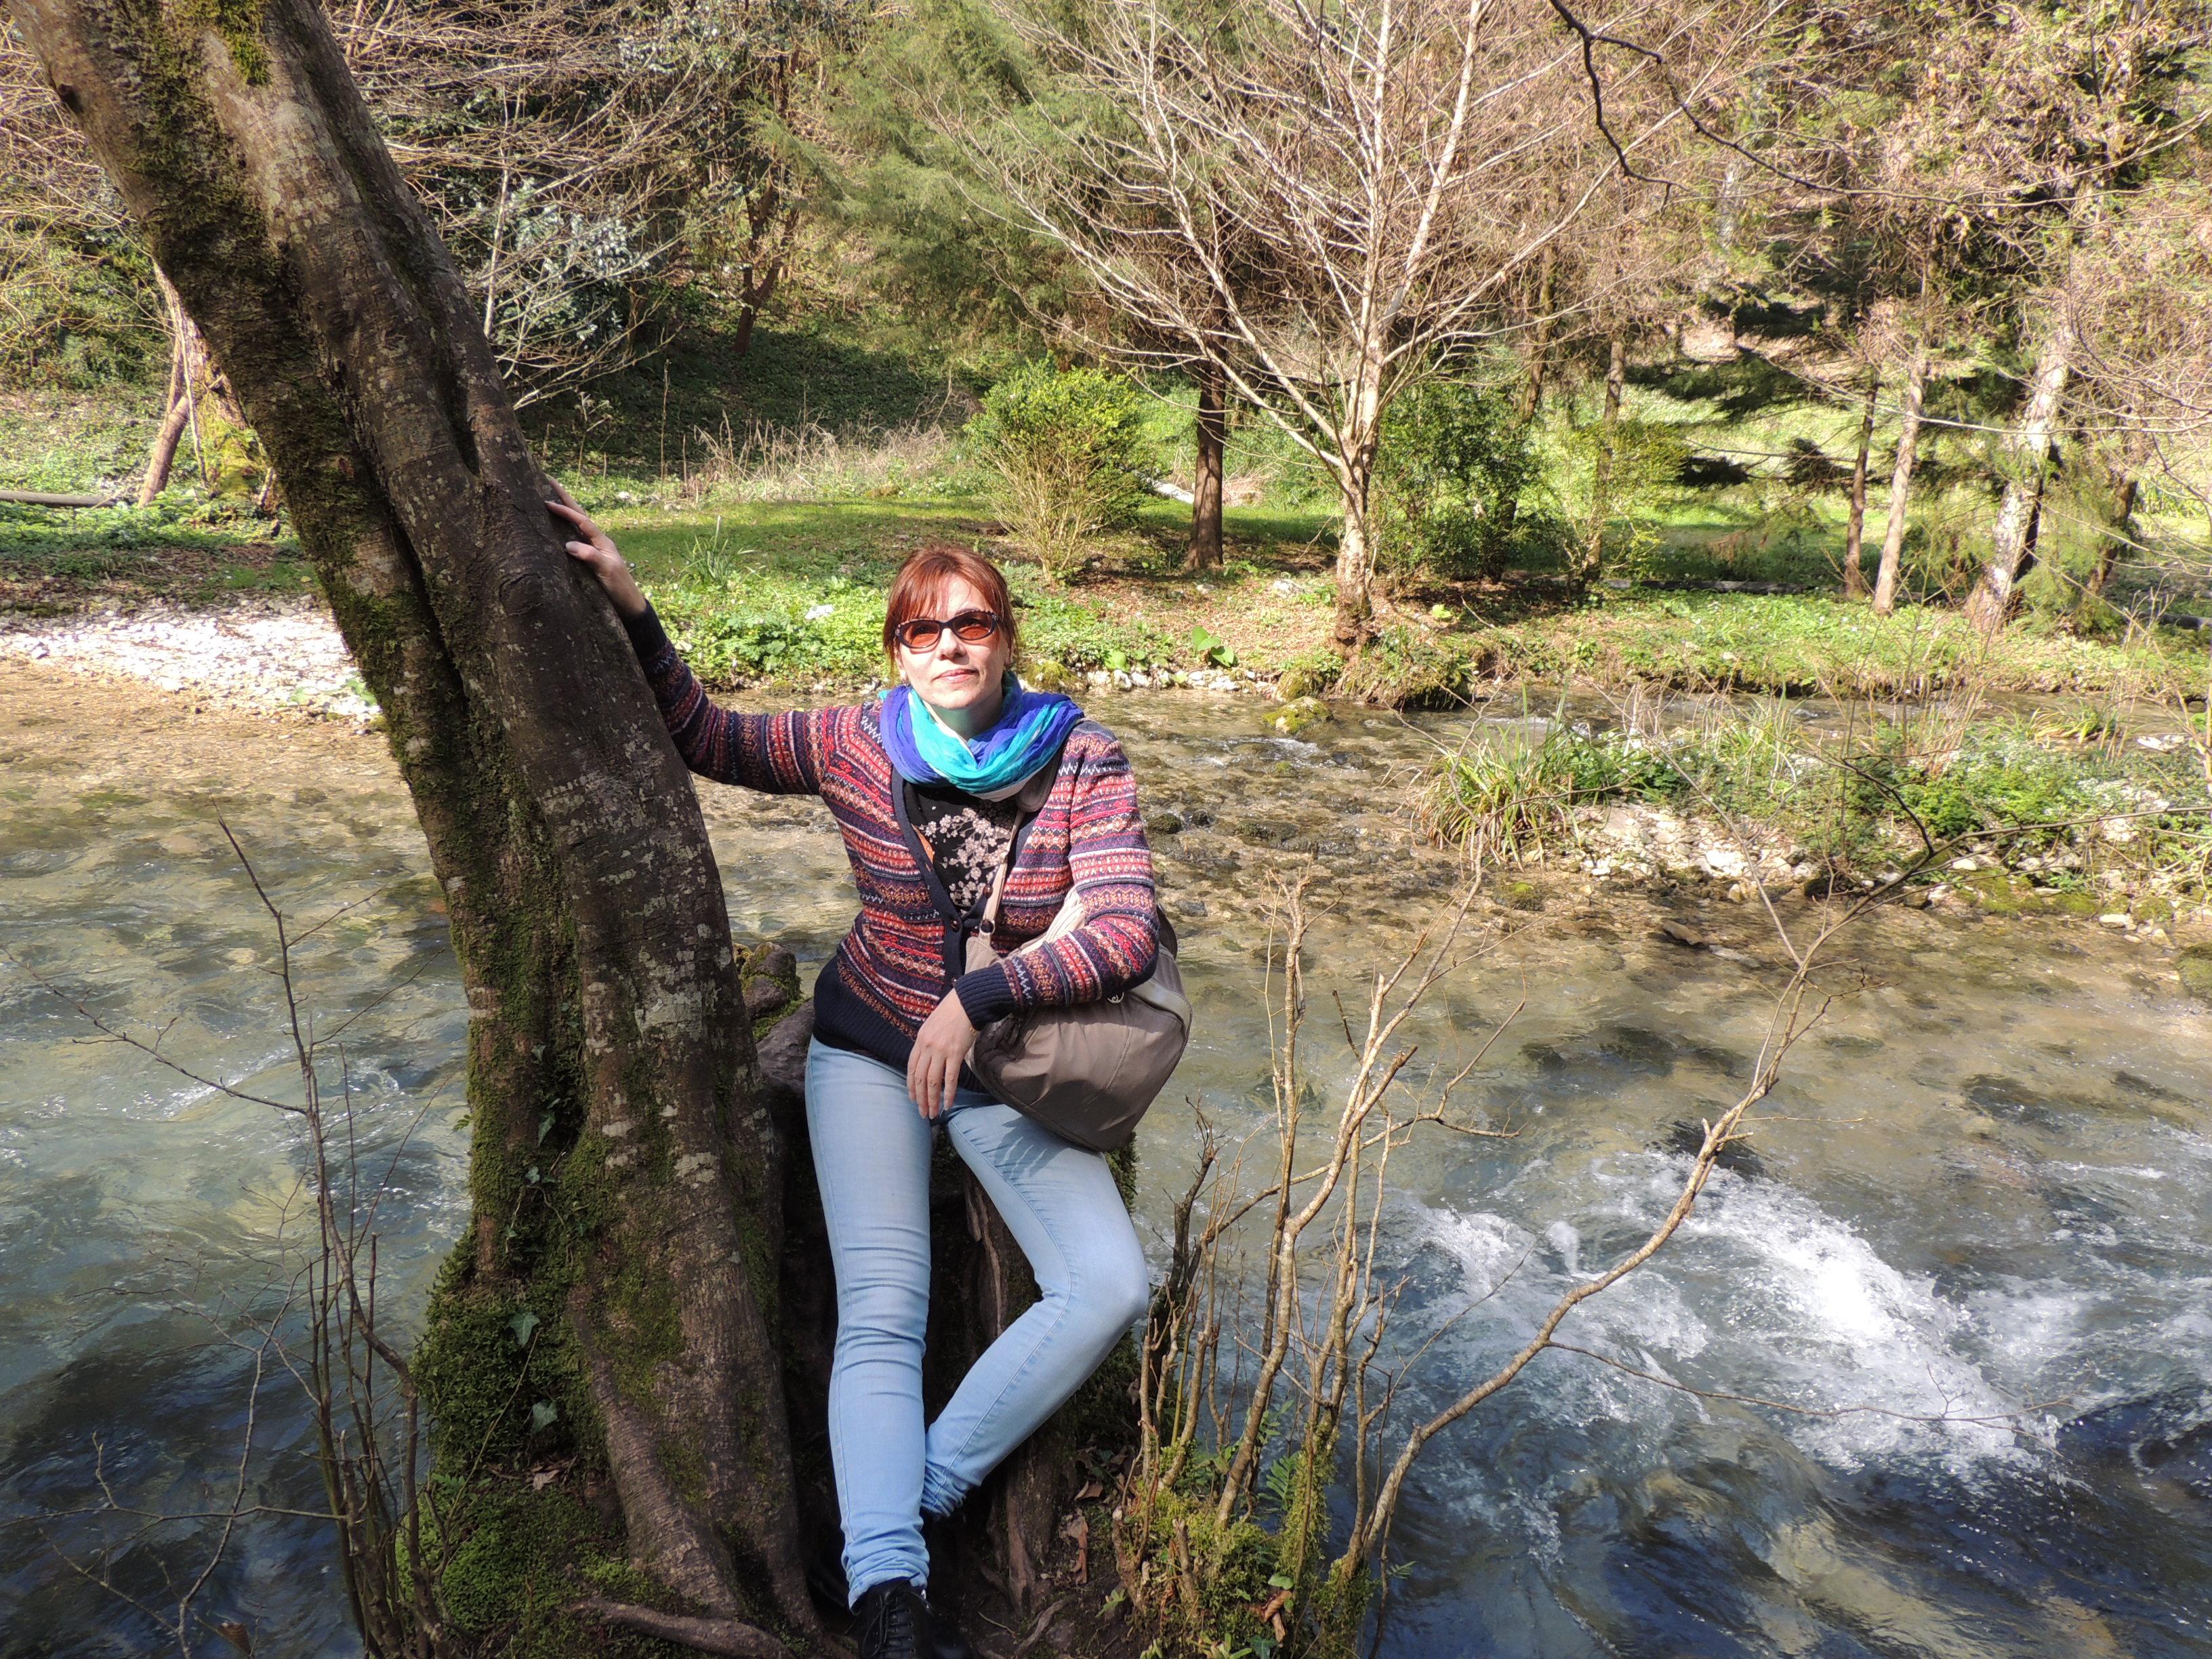 Абхазия Новый Афон Парк река 14 марта 2015 г., 16-36.JPG